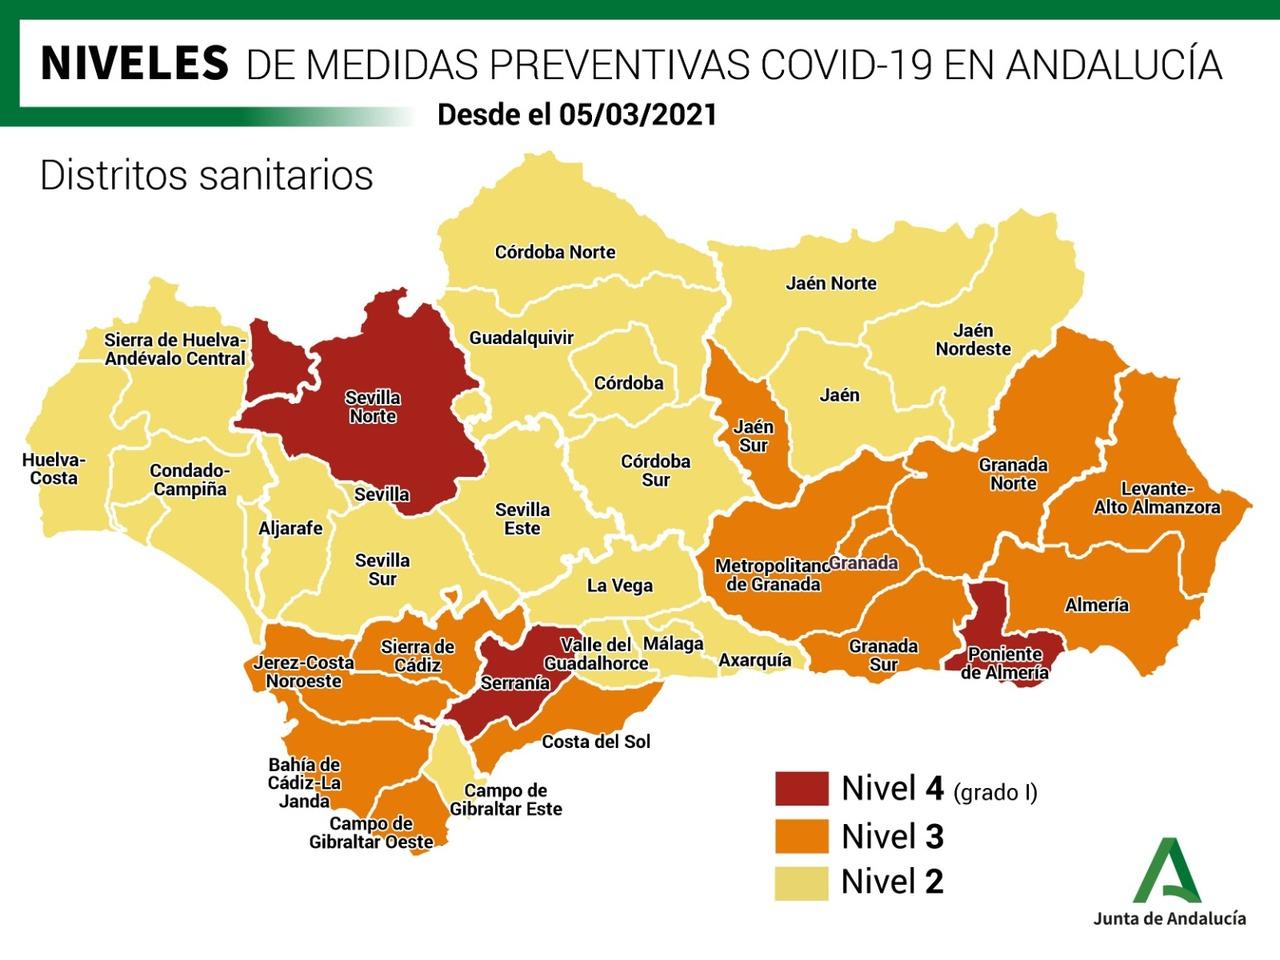 La cepa británica del coronavirus ya es predominante en todas las provincias de Andalucía y no se descarta una cuarta ola